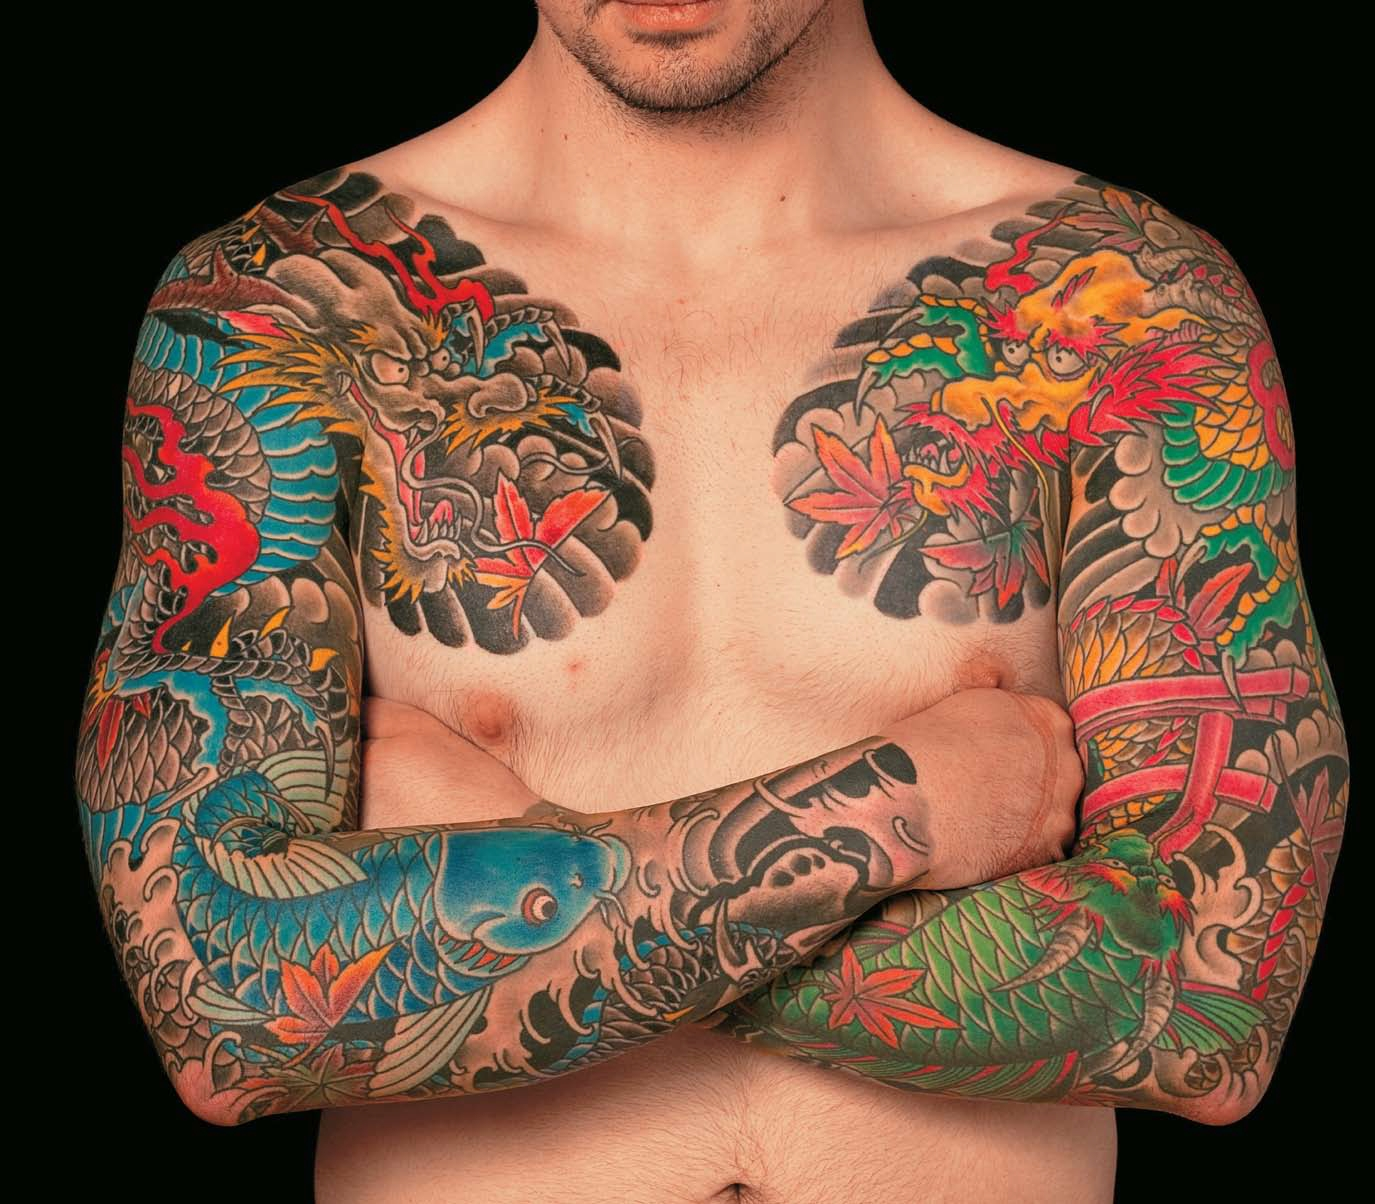 Nombre Actor Porno Con Tatuaje Chelsea En Brazo el mundo del tattoo – el planeta urbano